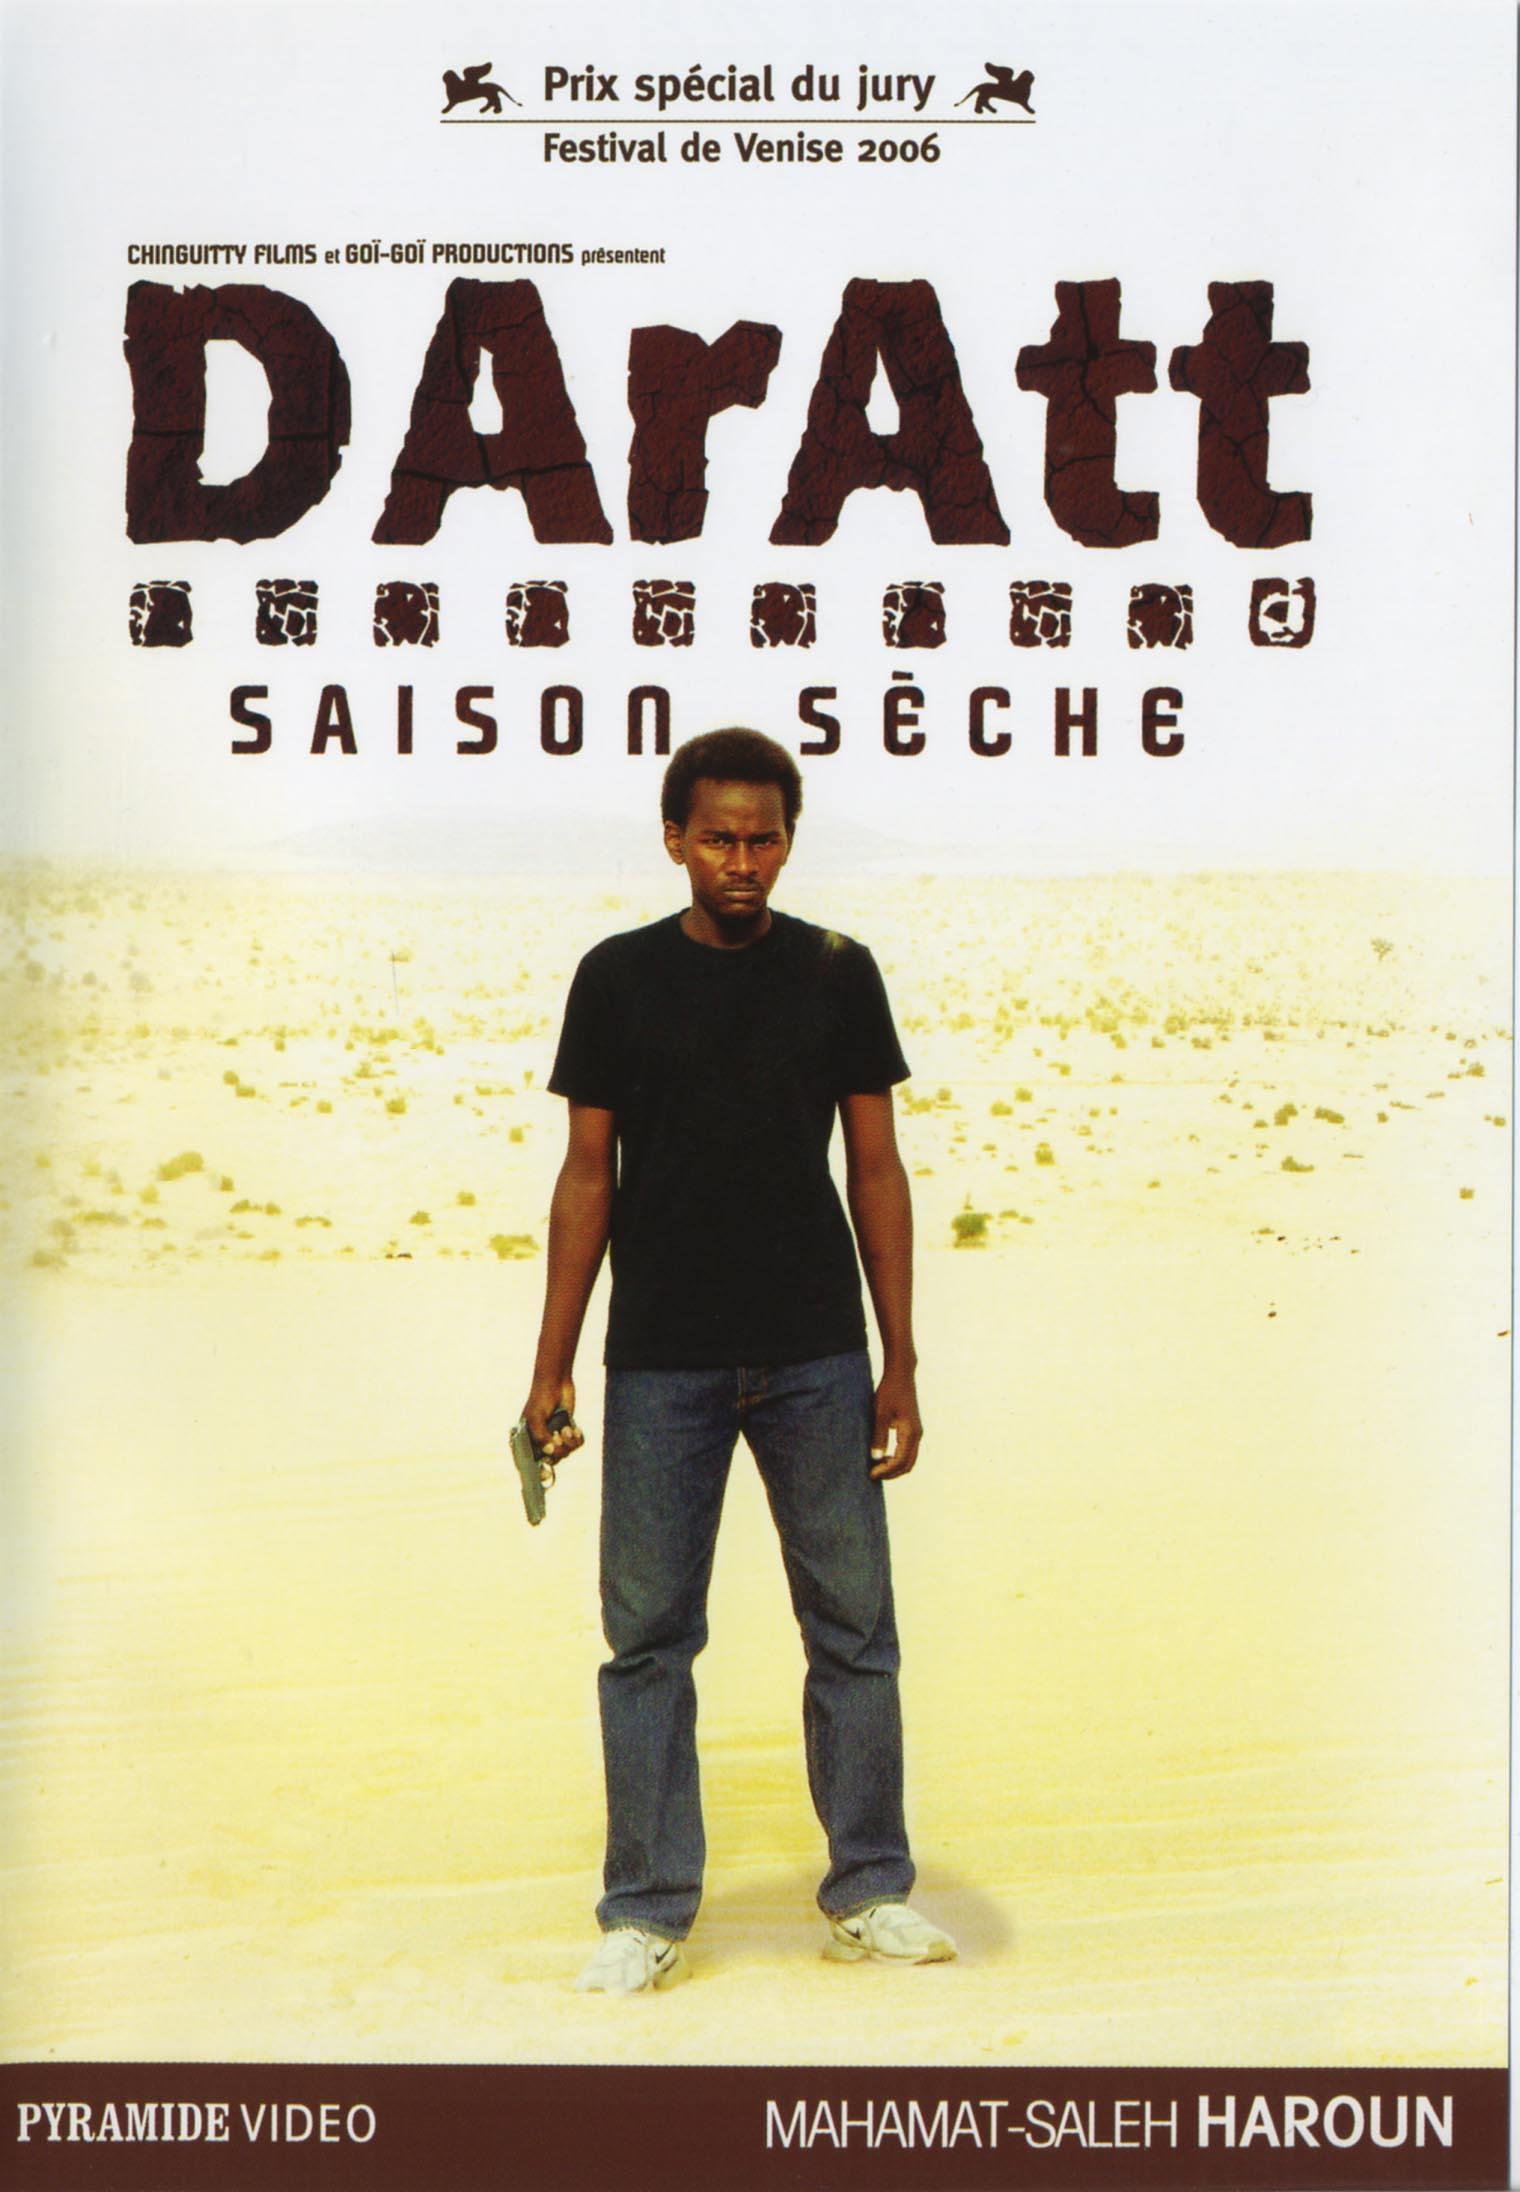 Daratt saison seche - dvd